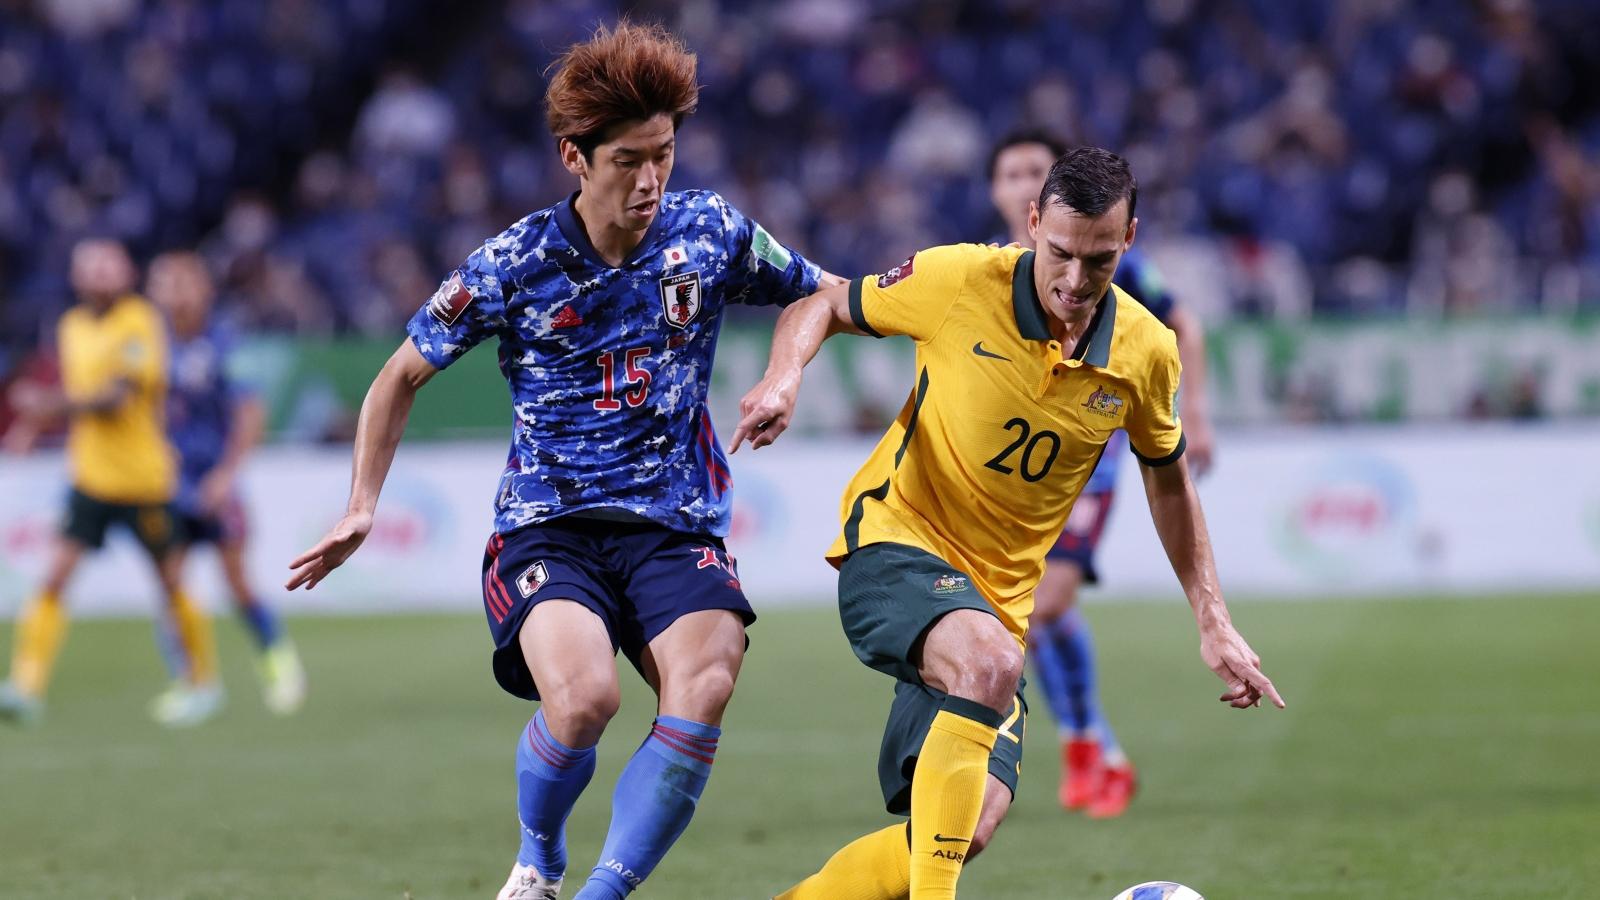 ĐT Nhật Bản nhận thêm tin dữ trước trận gặp ĐT Việt Nam